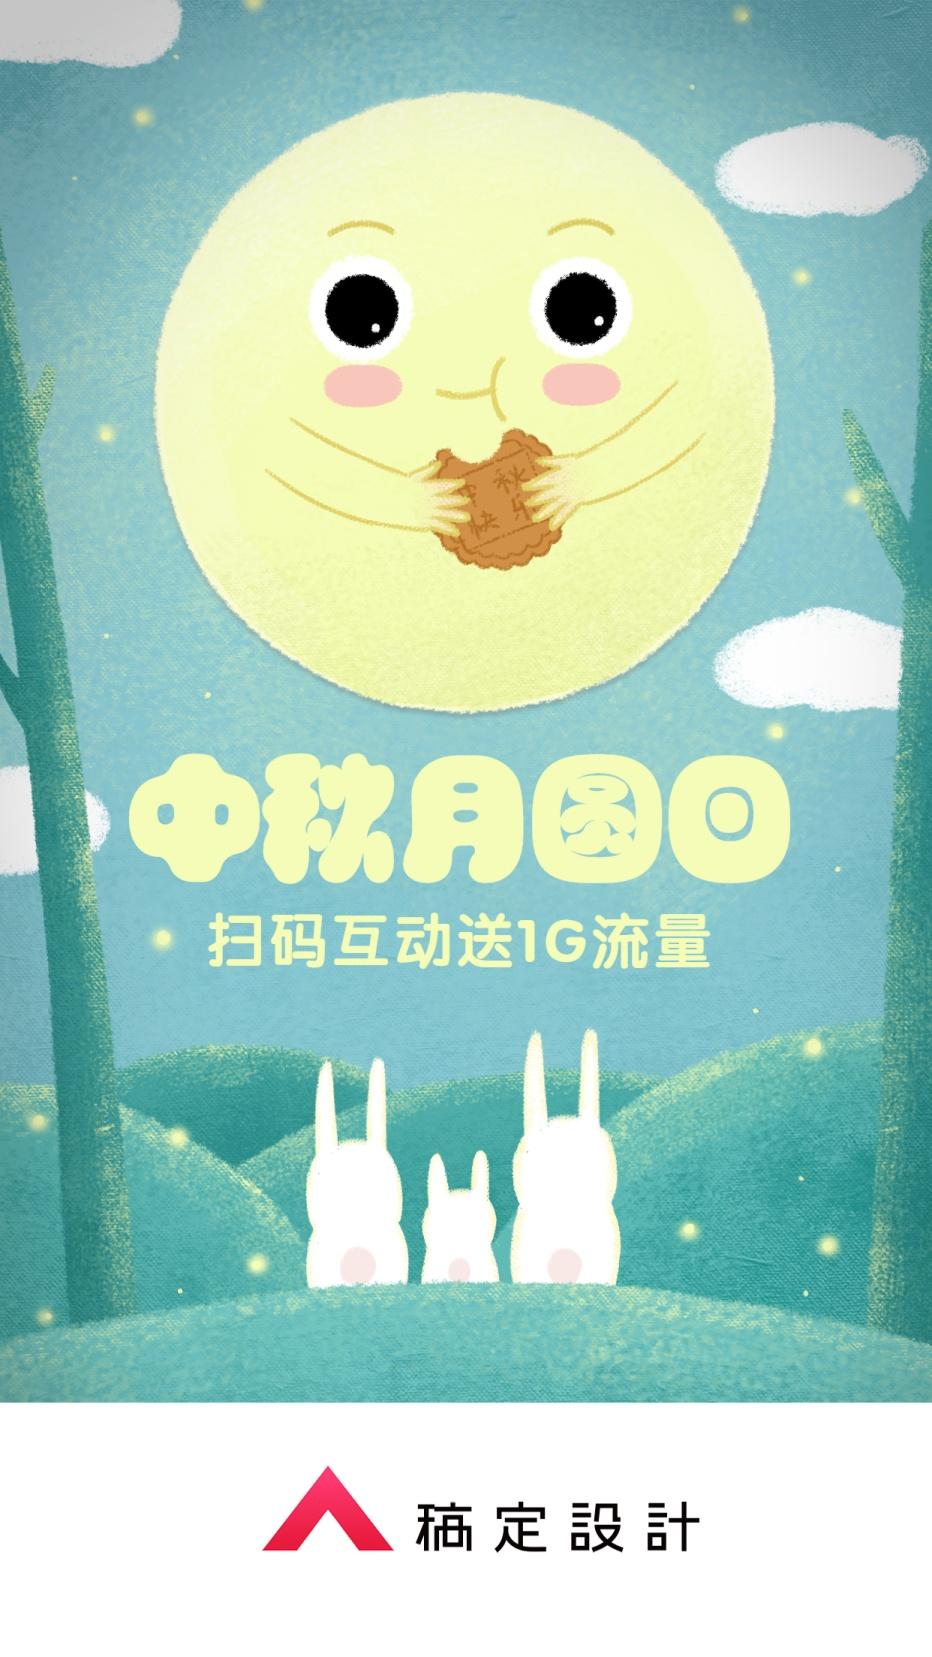 中秋节开屏手绘可爱月饼手机插画海报